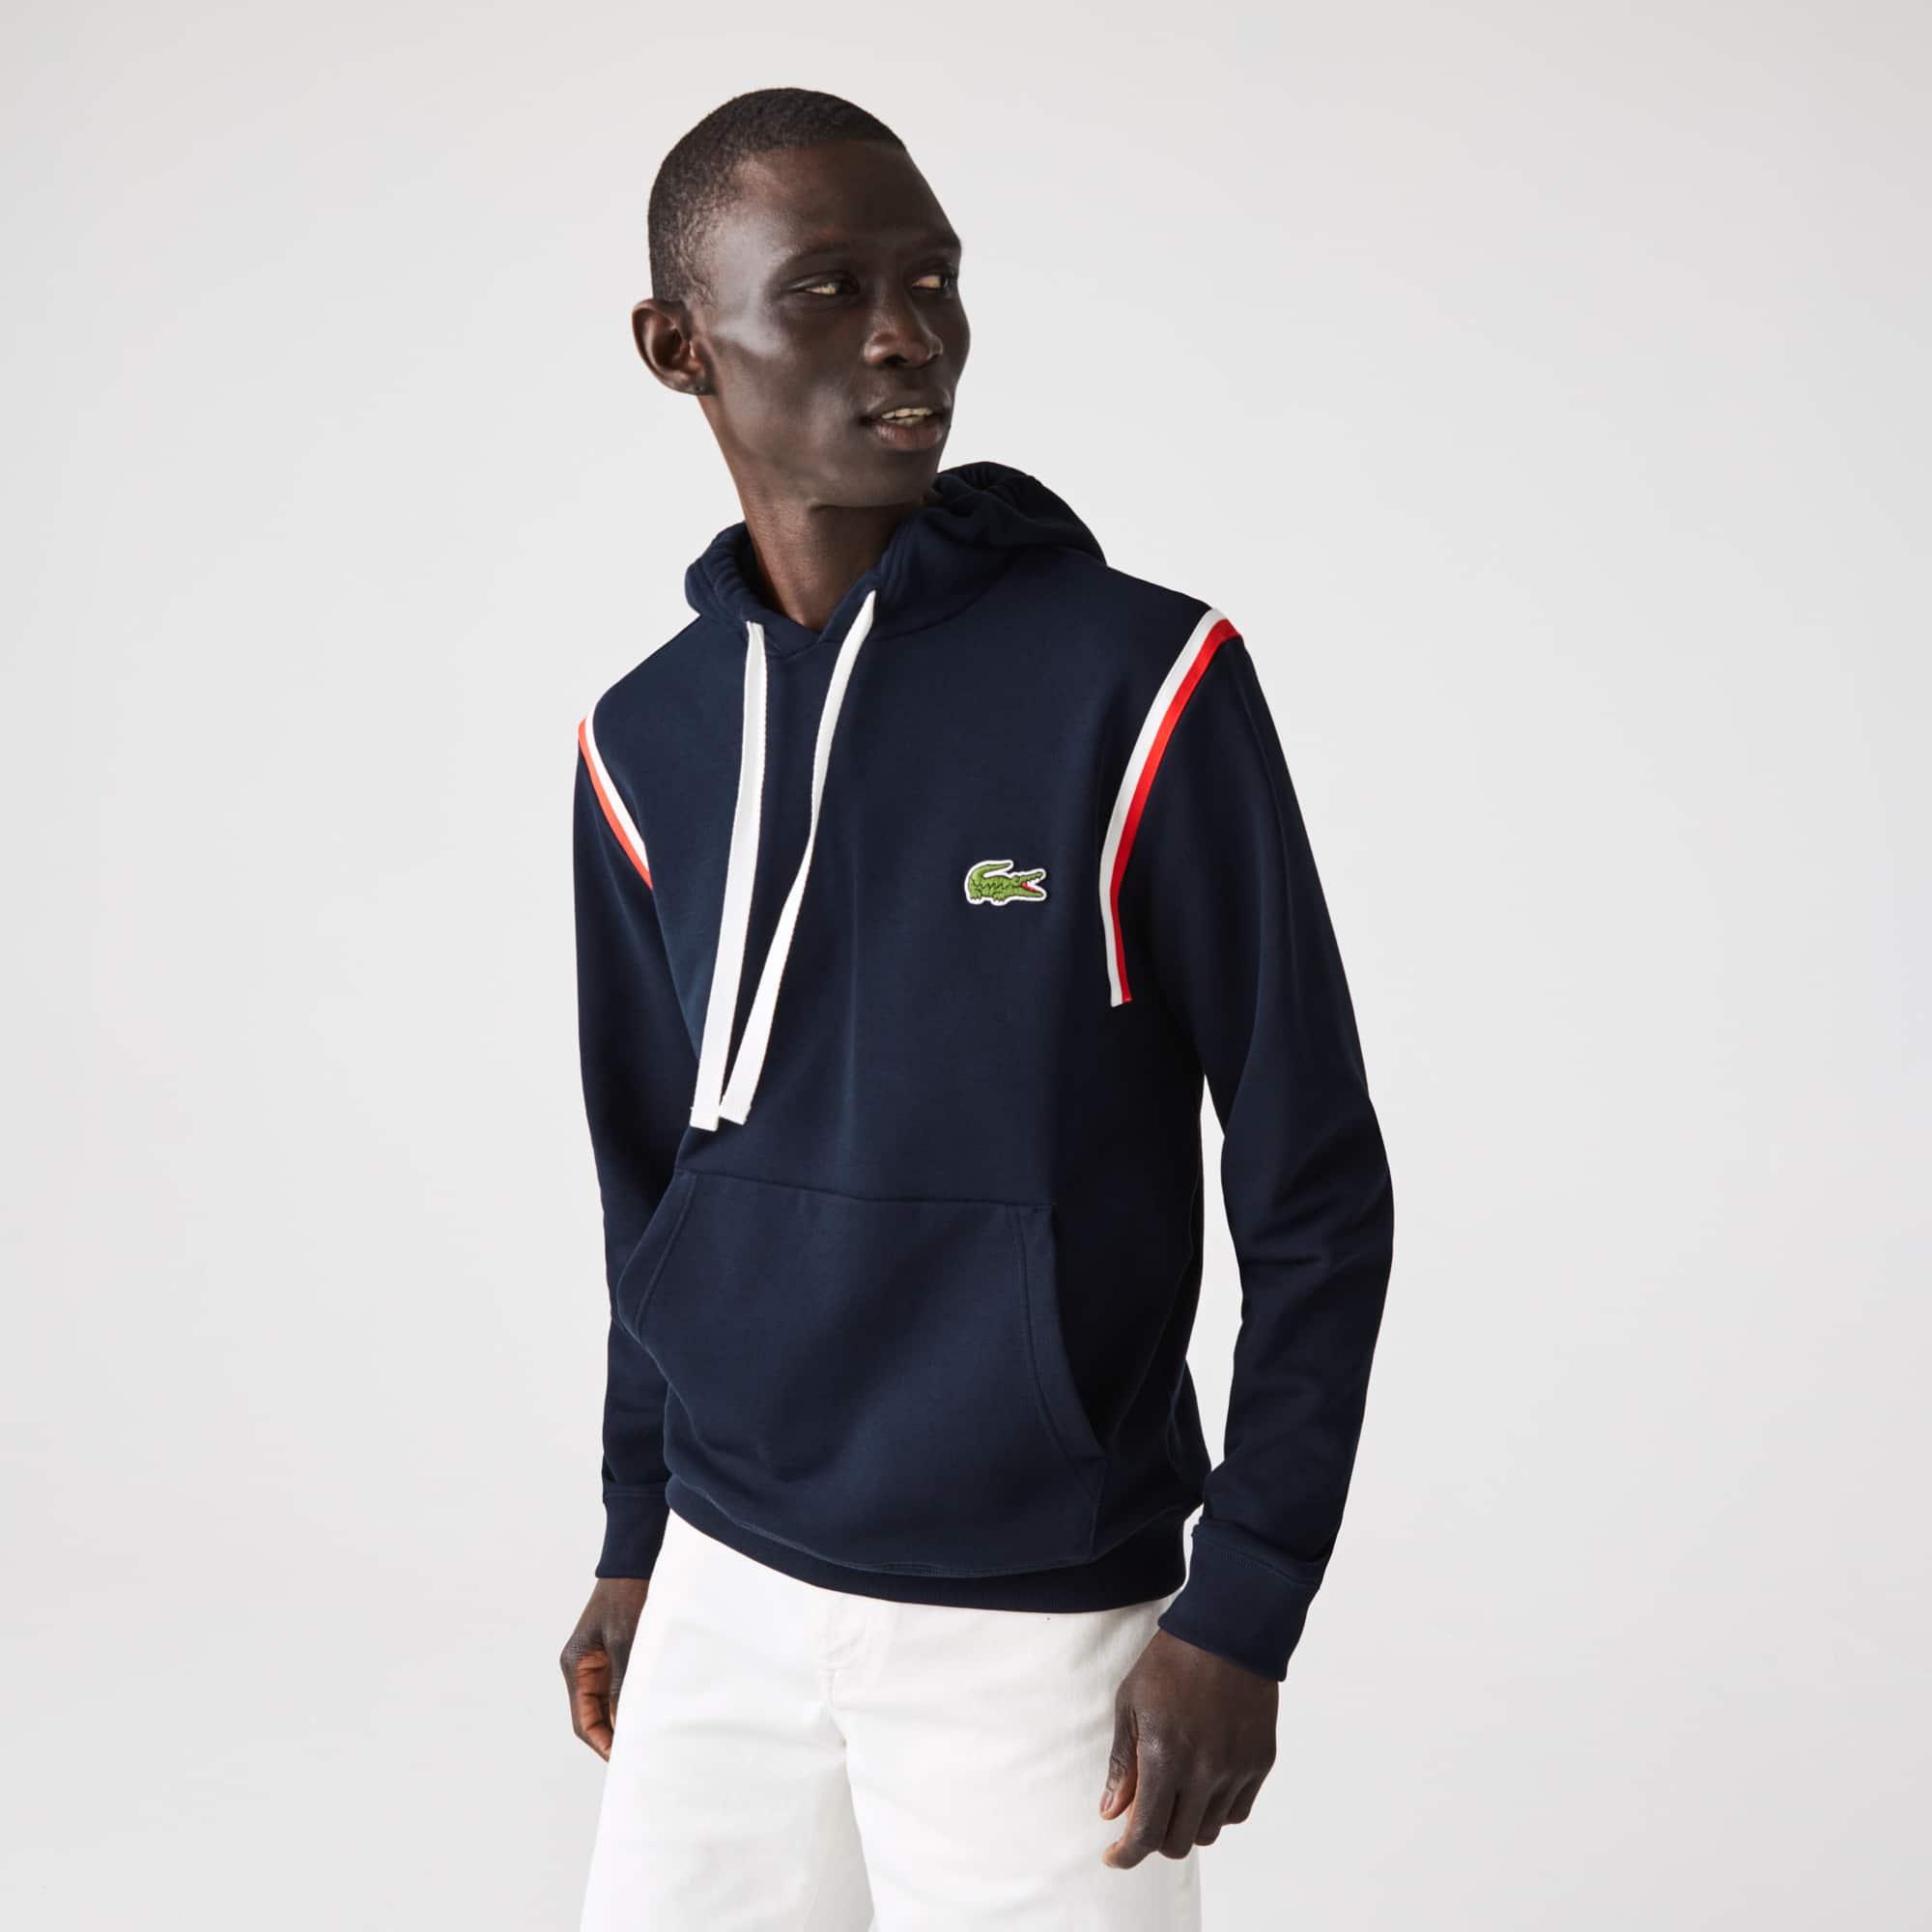 라코스테 맨 '메이드 인 프랑스' 오가닉 코튼 후드티 Lacoste Men's Made In France Organic Cotton Fleece Hoodie